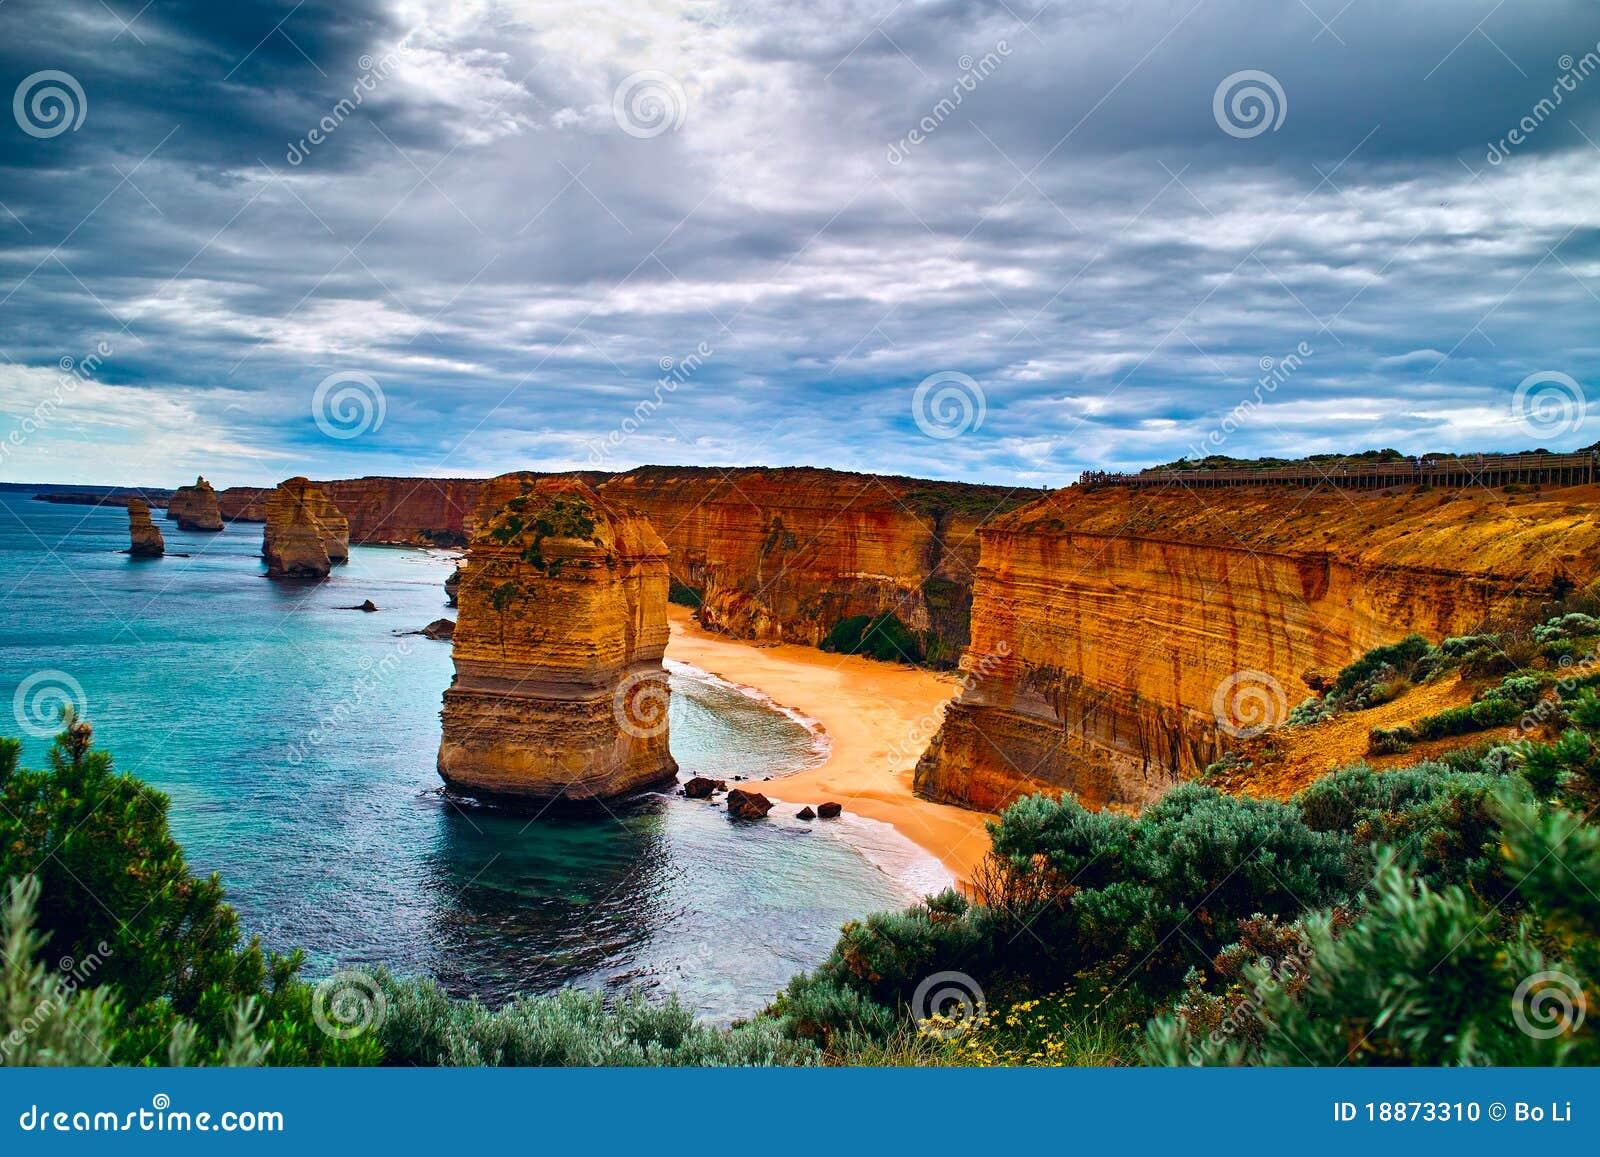 Twelve Apostles on the Great Ocean Road